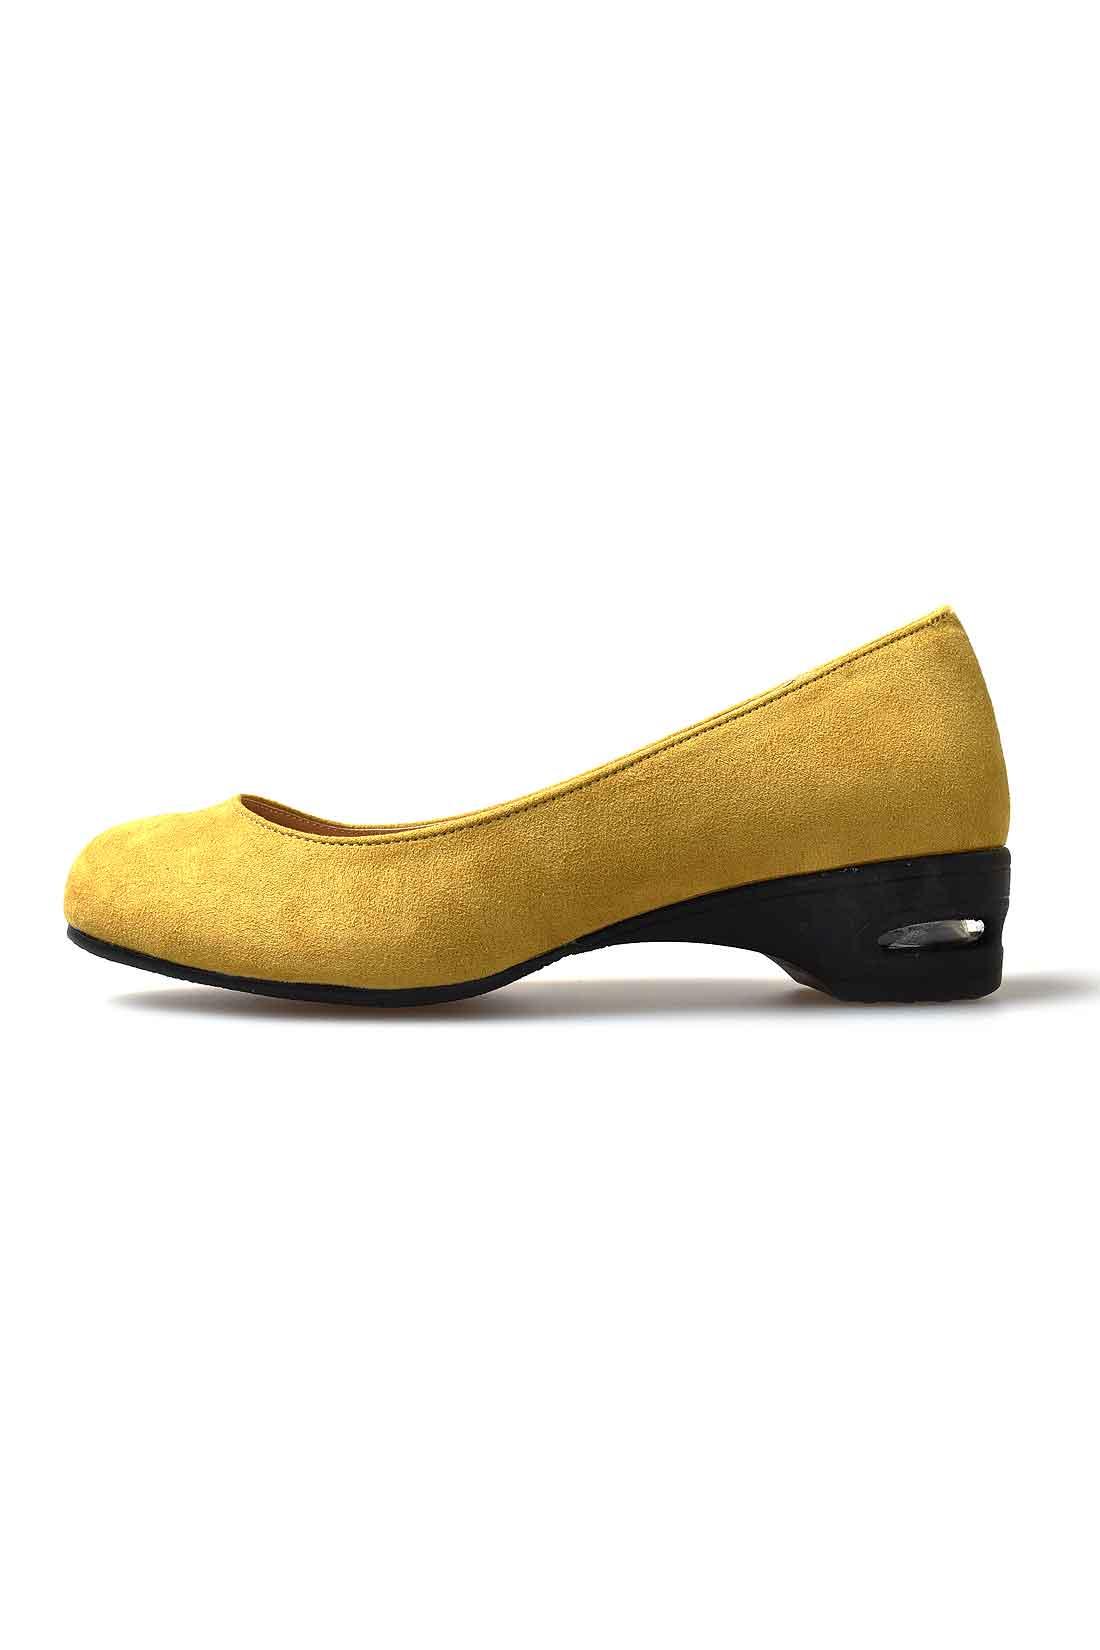 side 歩きやすさと美脚を同時にかなえる約3.5cmヒール。